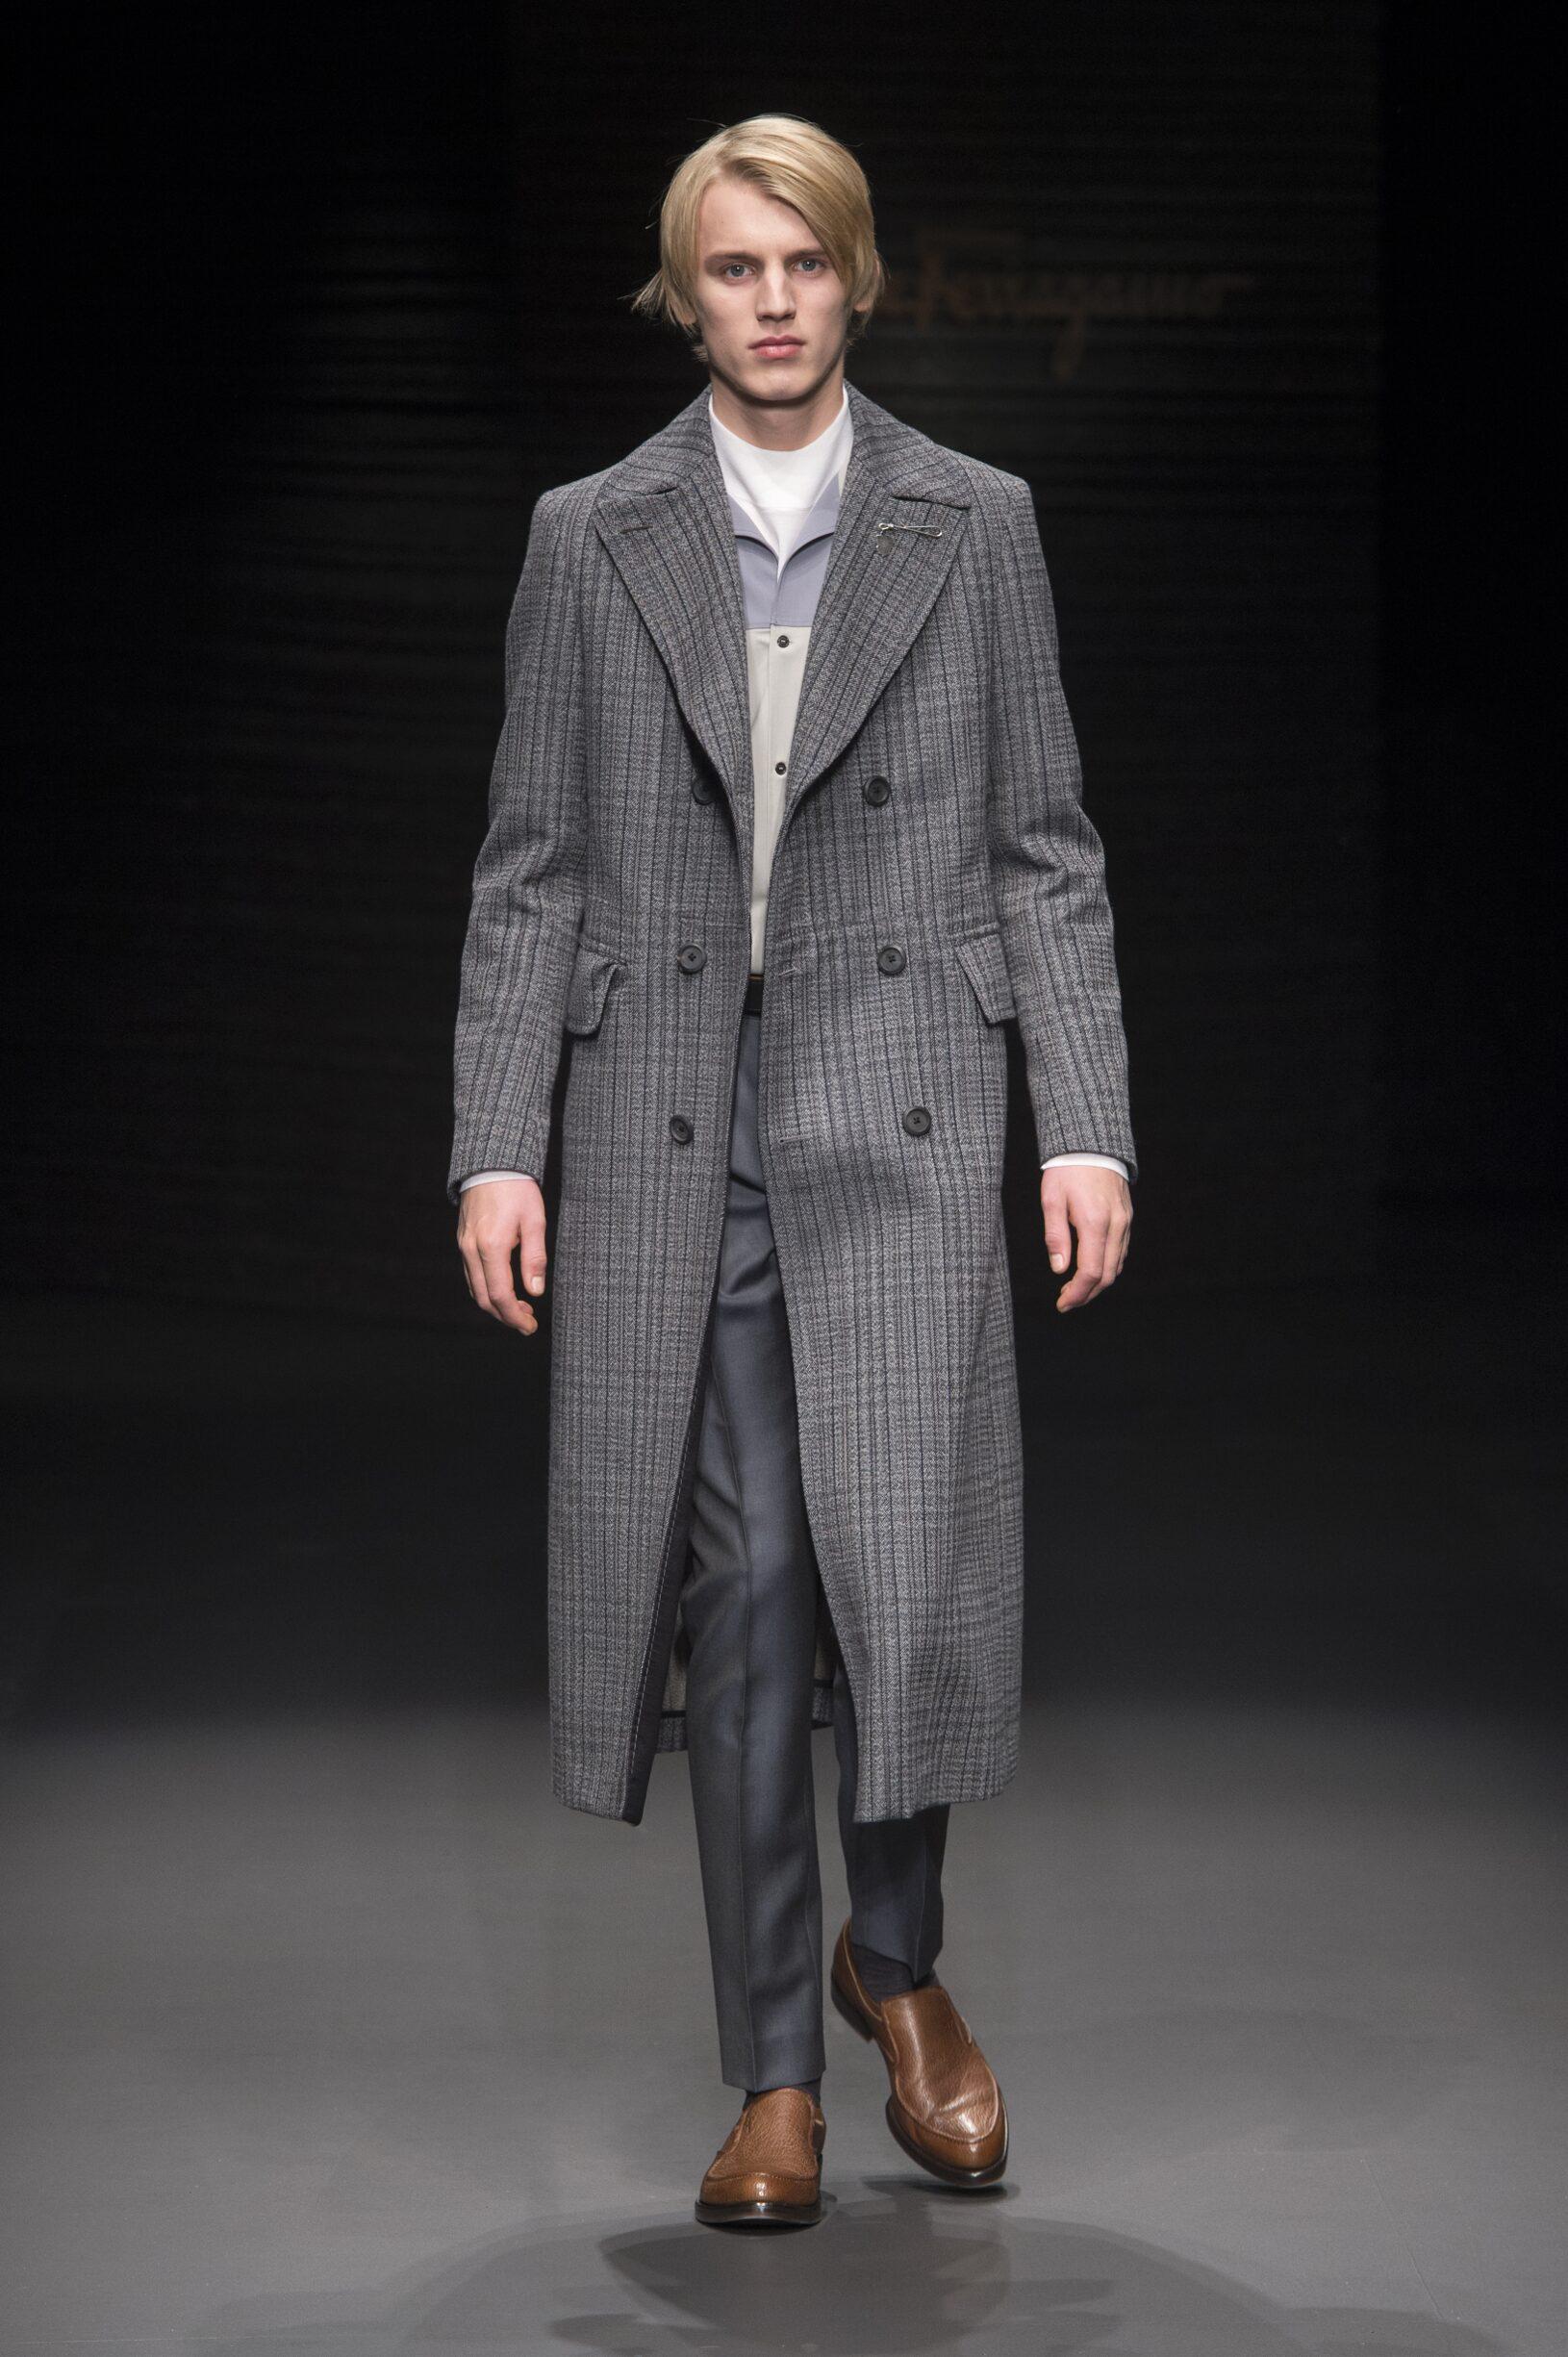 FW 2017-18 Fashion Show Salvatore Ferragamo